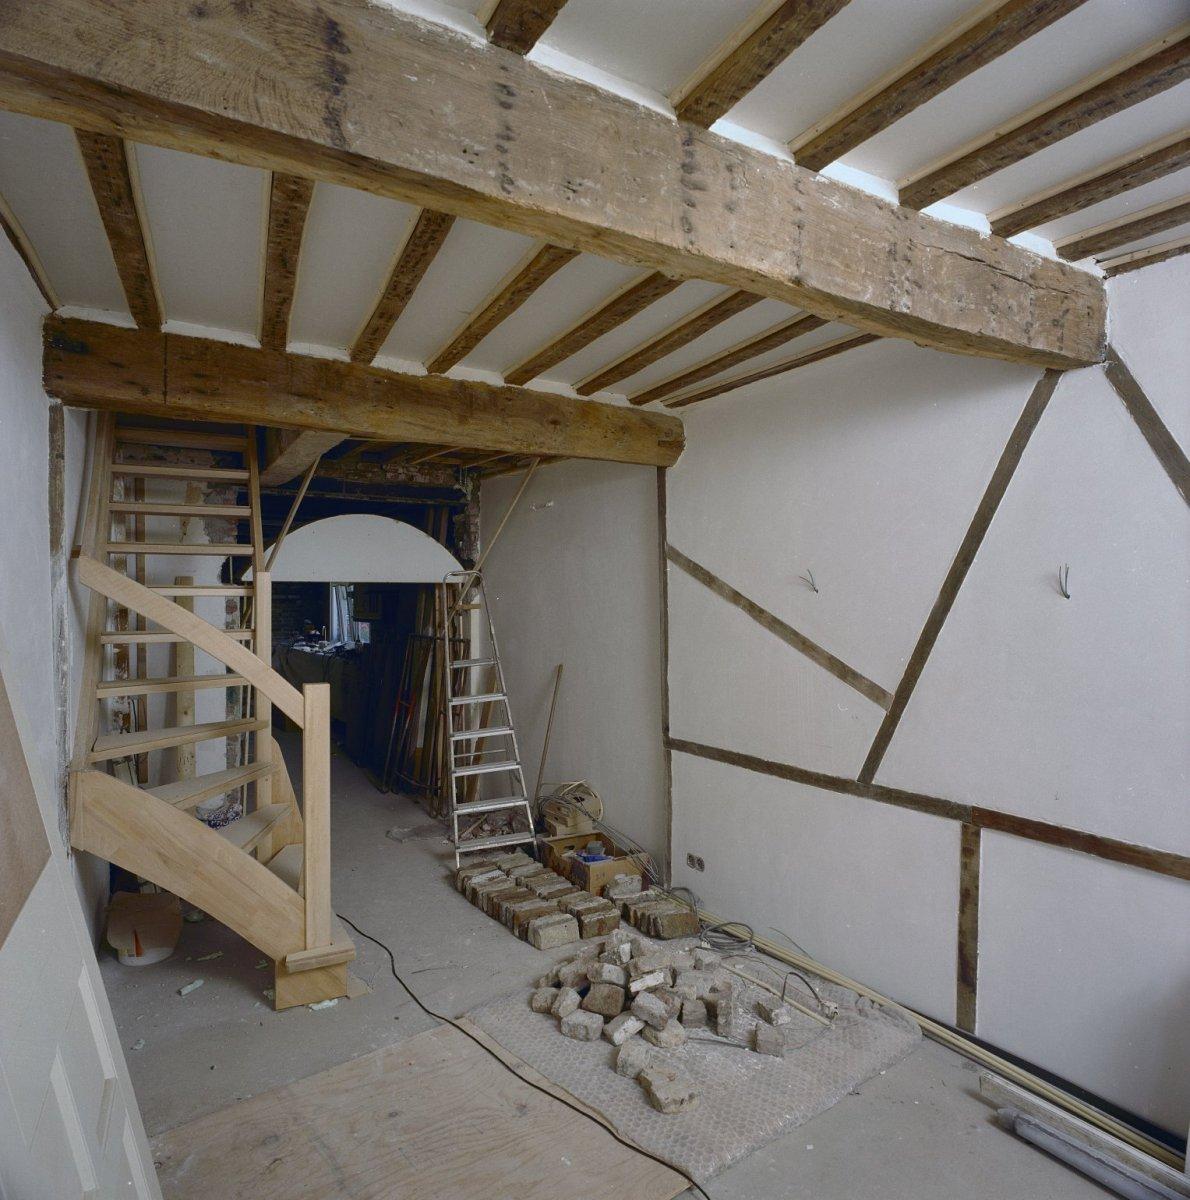 Woonkamer ideeen donkere vloer beste inspiratie voor huis ontwerp - Model interieur trap ...